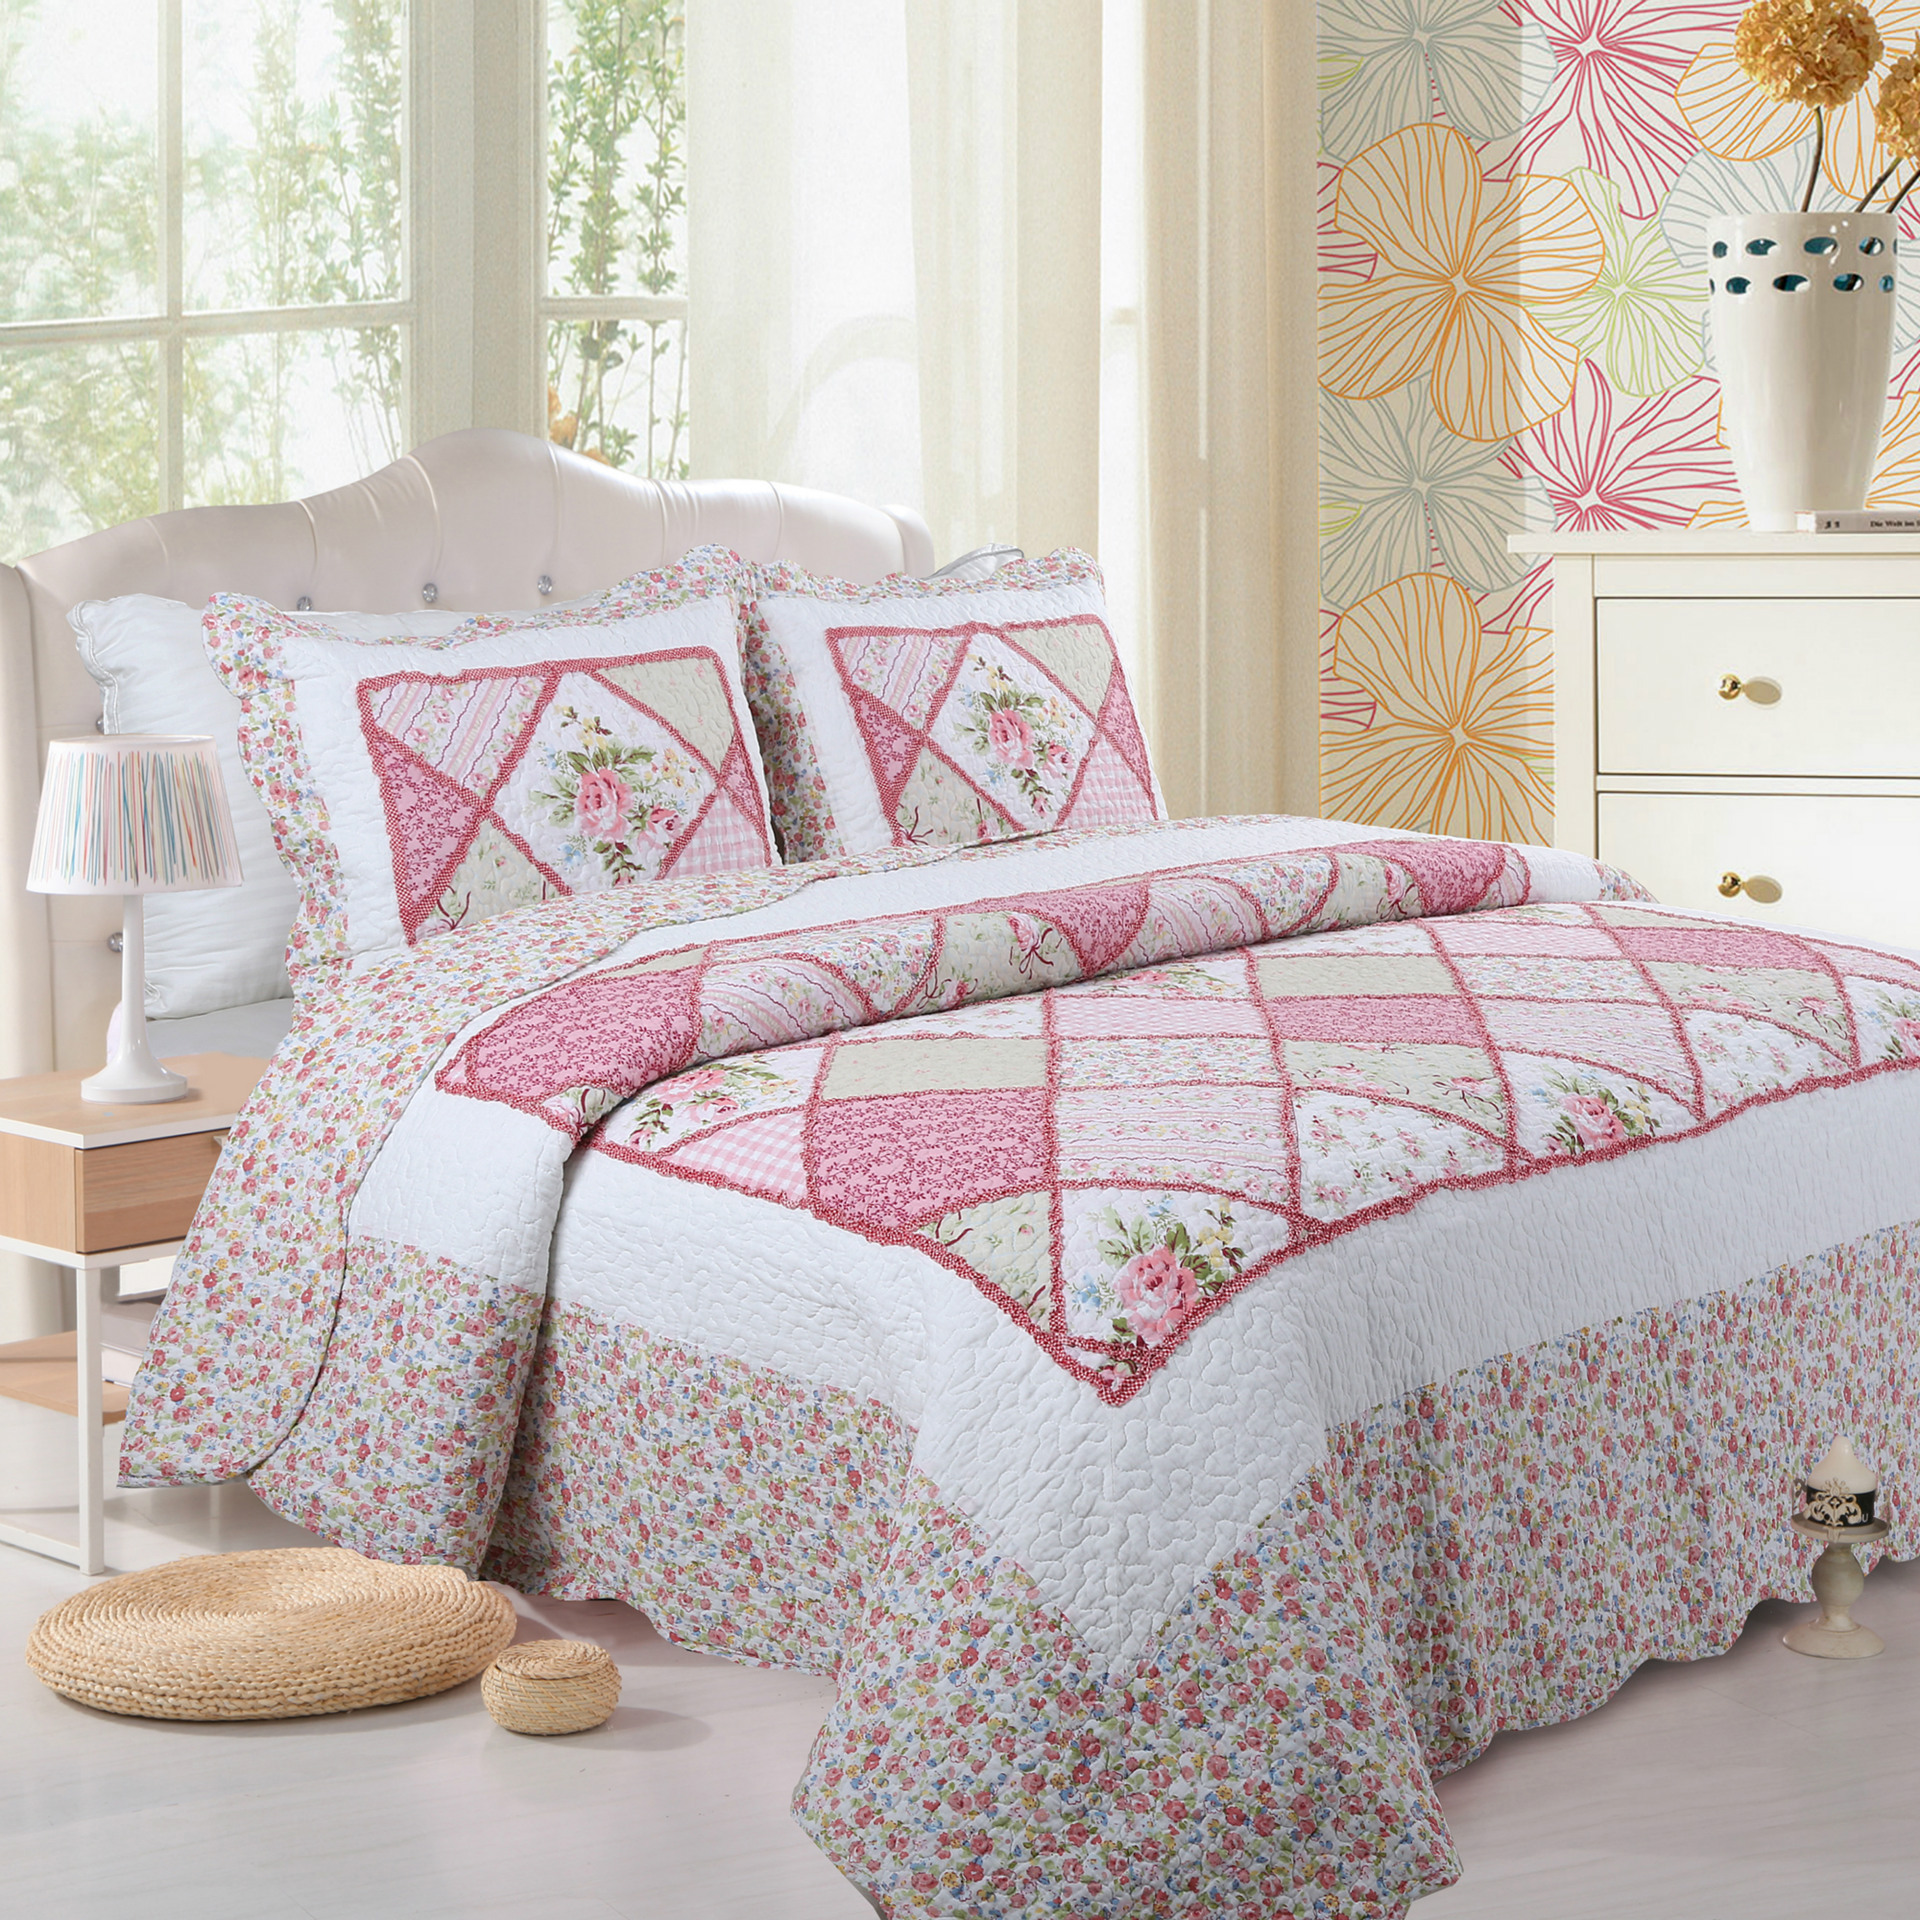 3 ชิ้นสีชมพู Rose Patchwork ผ้าคลุมเตียงผ้าคลุมเตียงหมอน shams 100% ผ้าฝ้ายโยนโซฟา Reversible Coverlet Ultra Soft-ใน ผ้าคลุมเตียง จาก บ้านและสวน บน   1